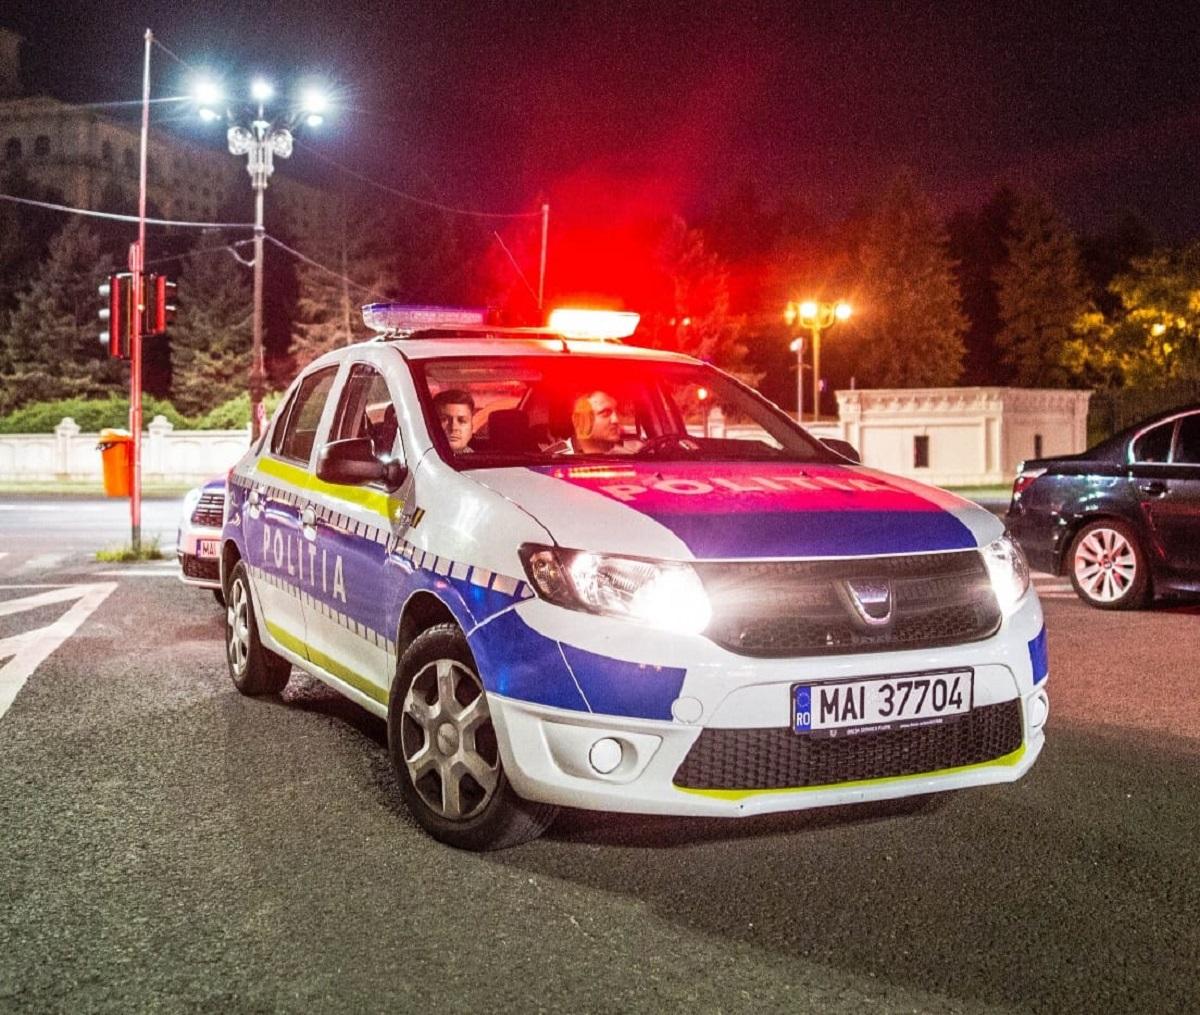 Realitatea bate filmul. S-au tras focuri de armă în București, după ce un șofer nu a vrut să oprească la semnalul polițiștilor